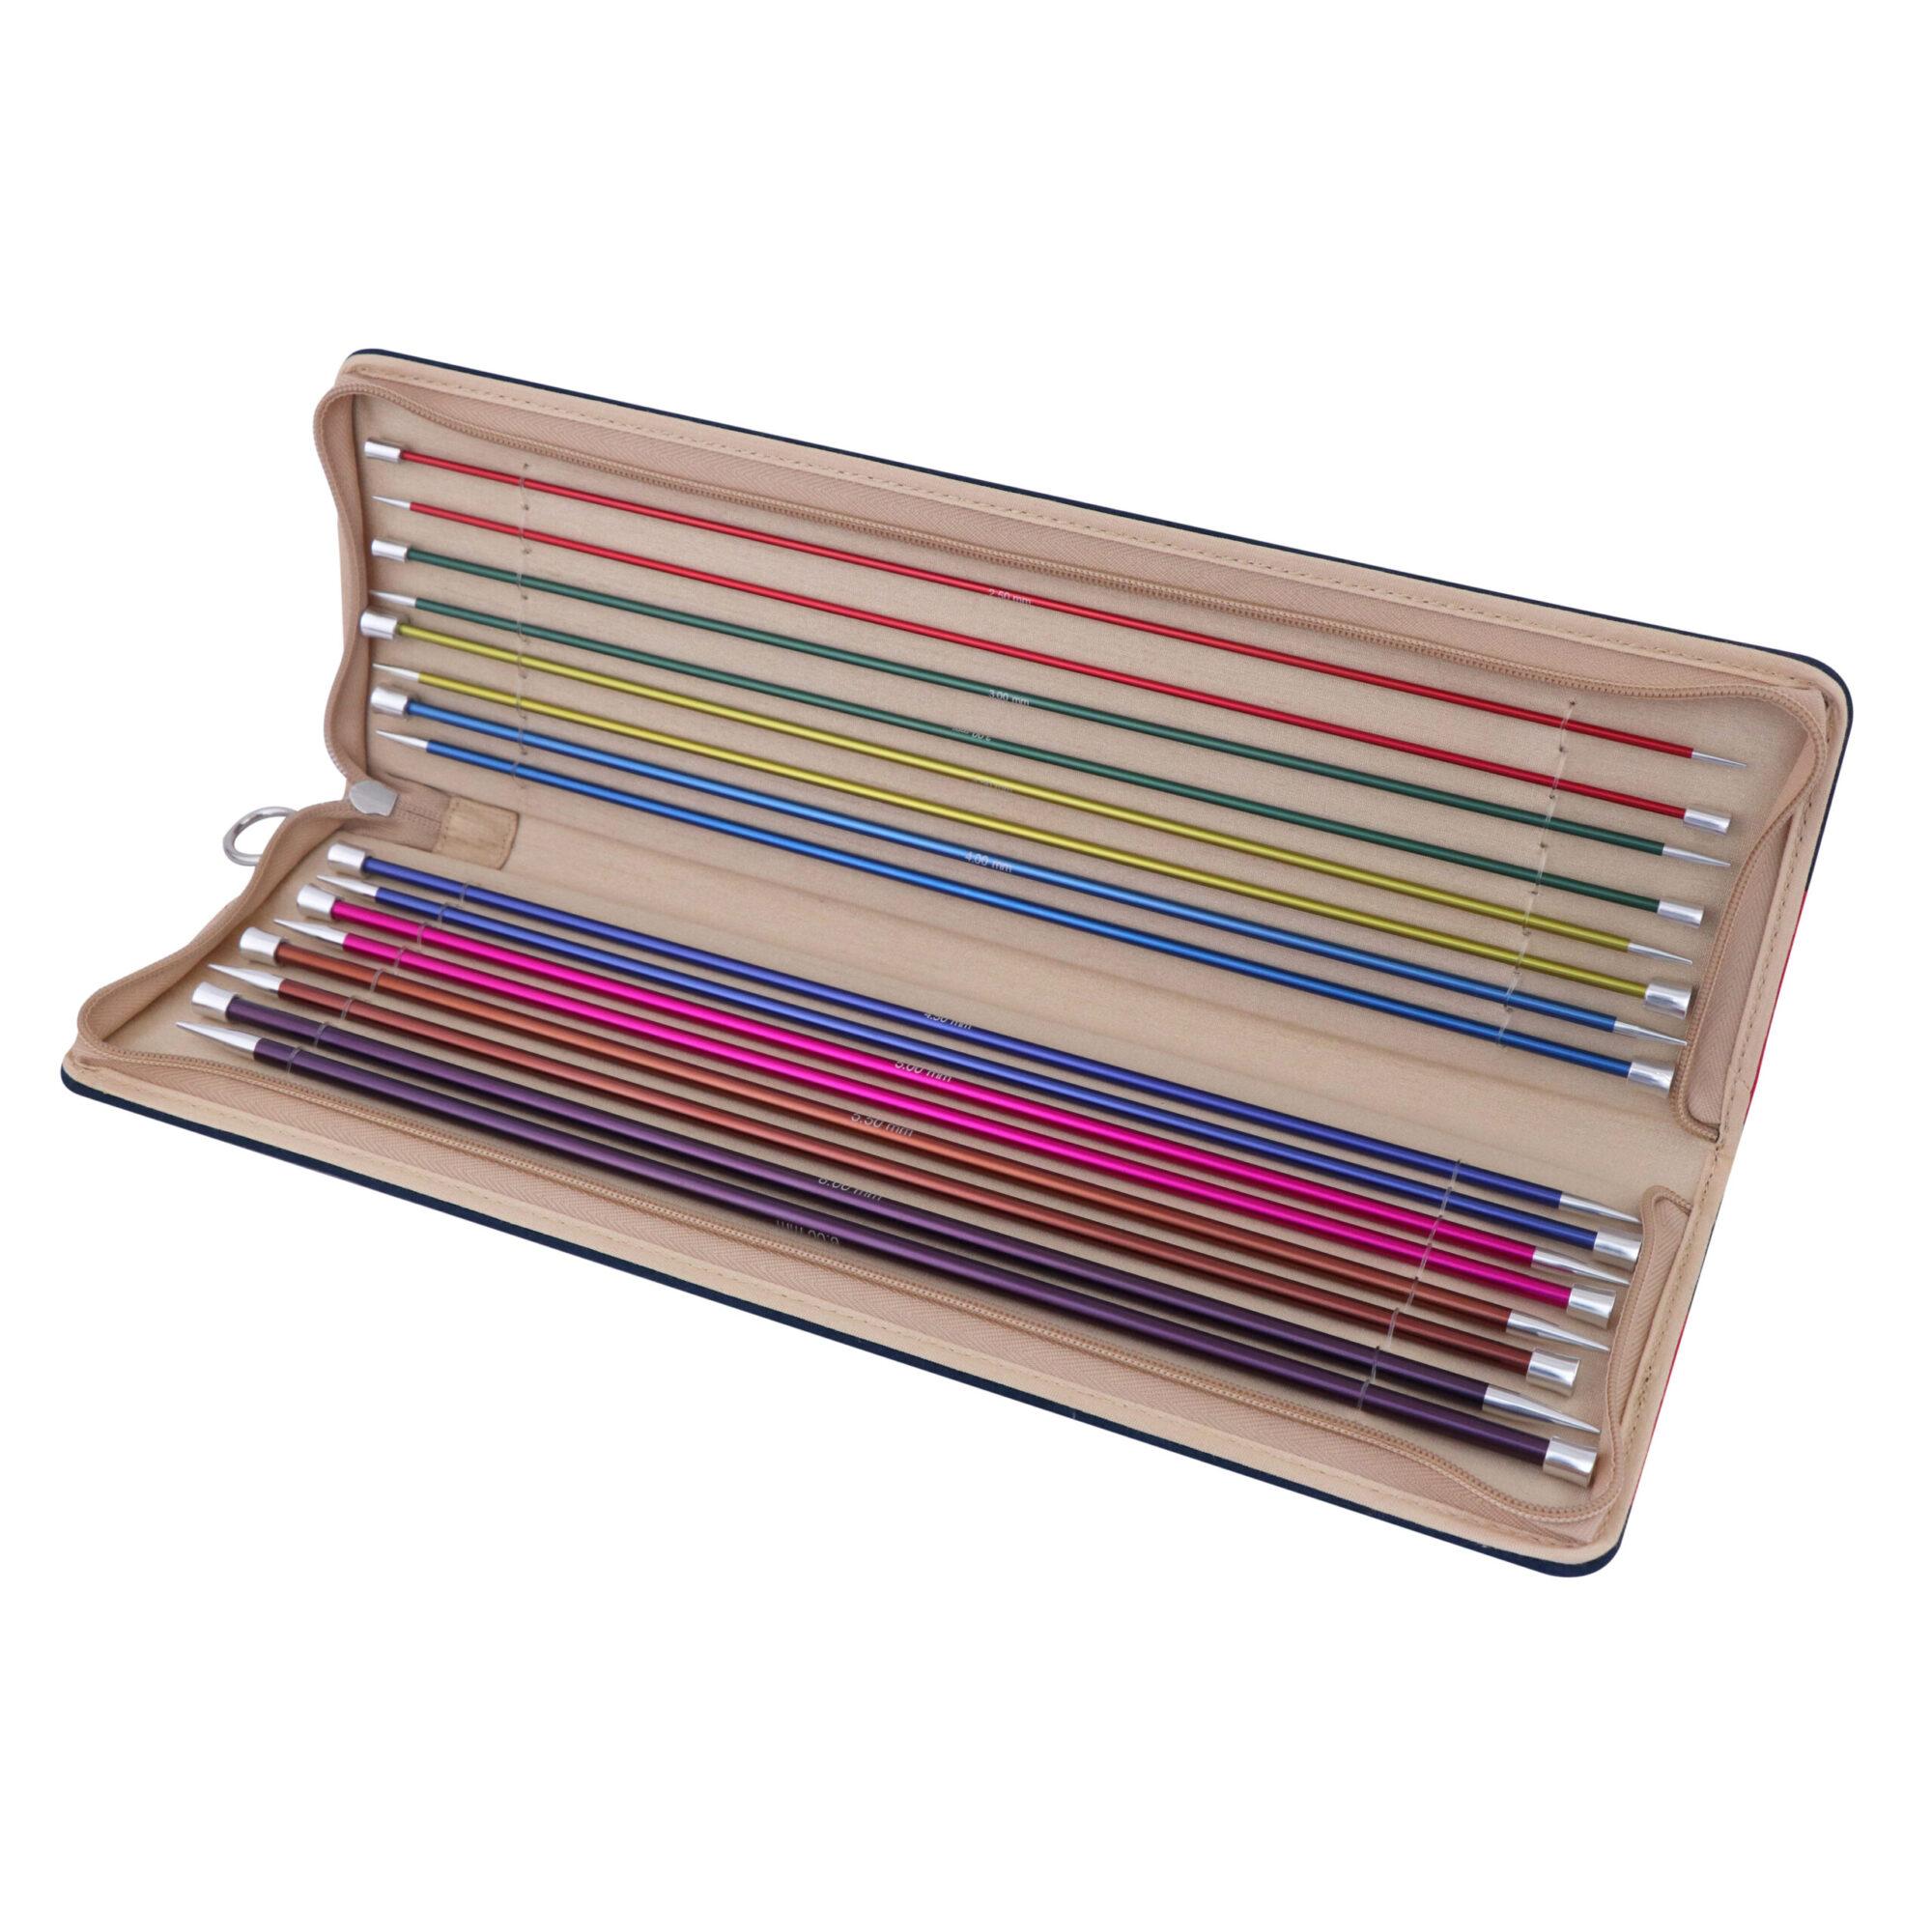 KnitPro – Zing Single Pointed Needle Set (35cm) product image